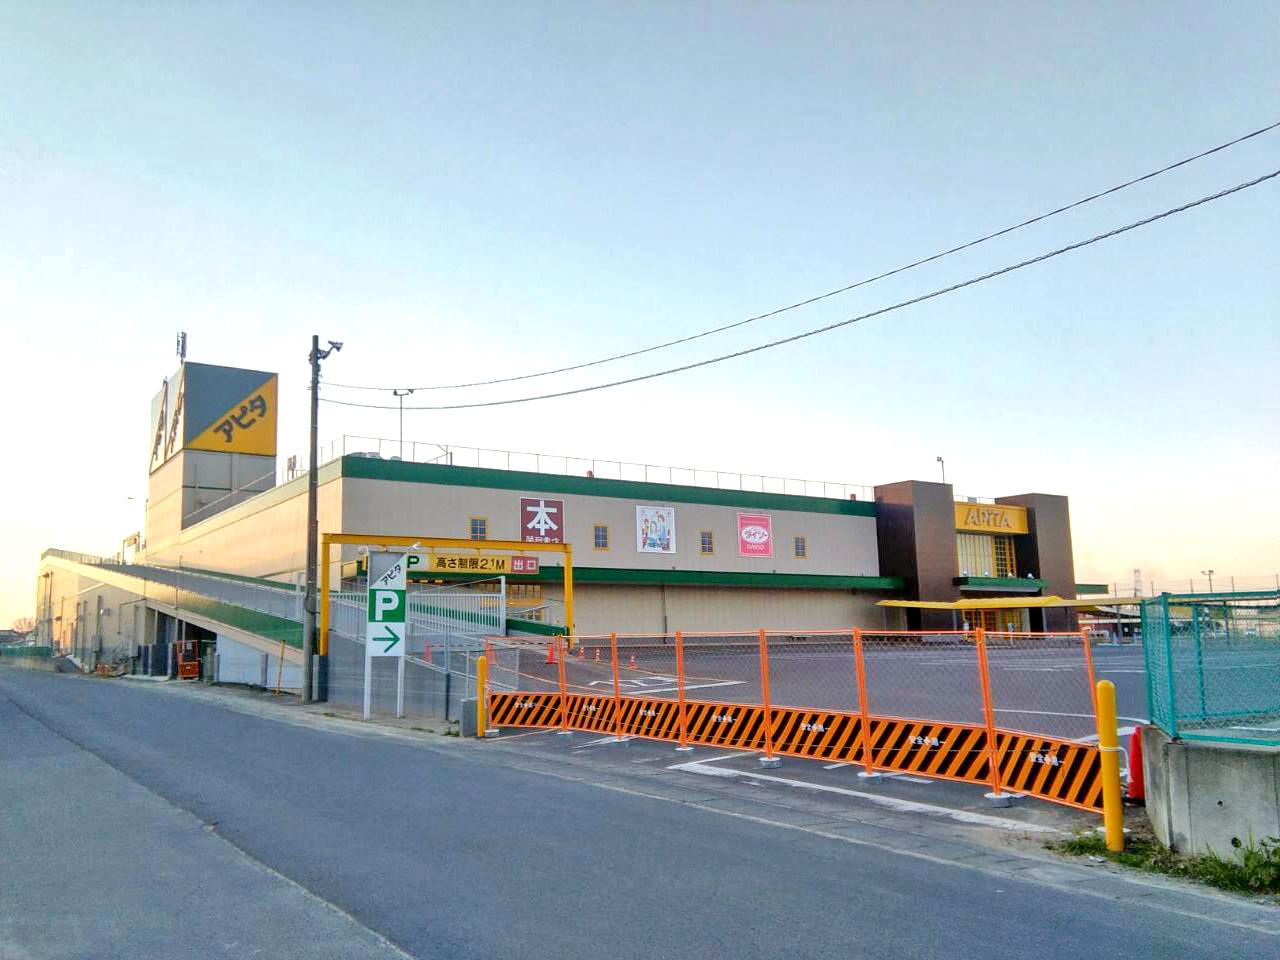 アピタ石下店が閉店-常総水害で損壊 | 都市商業研究所